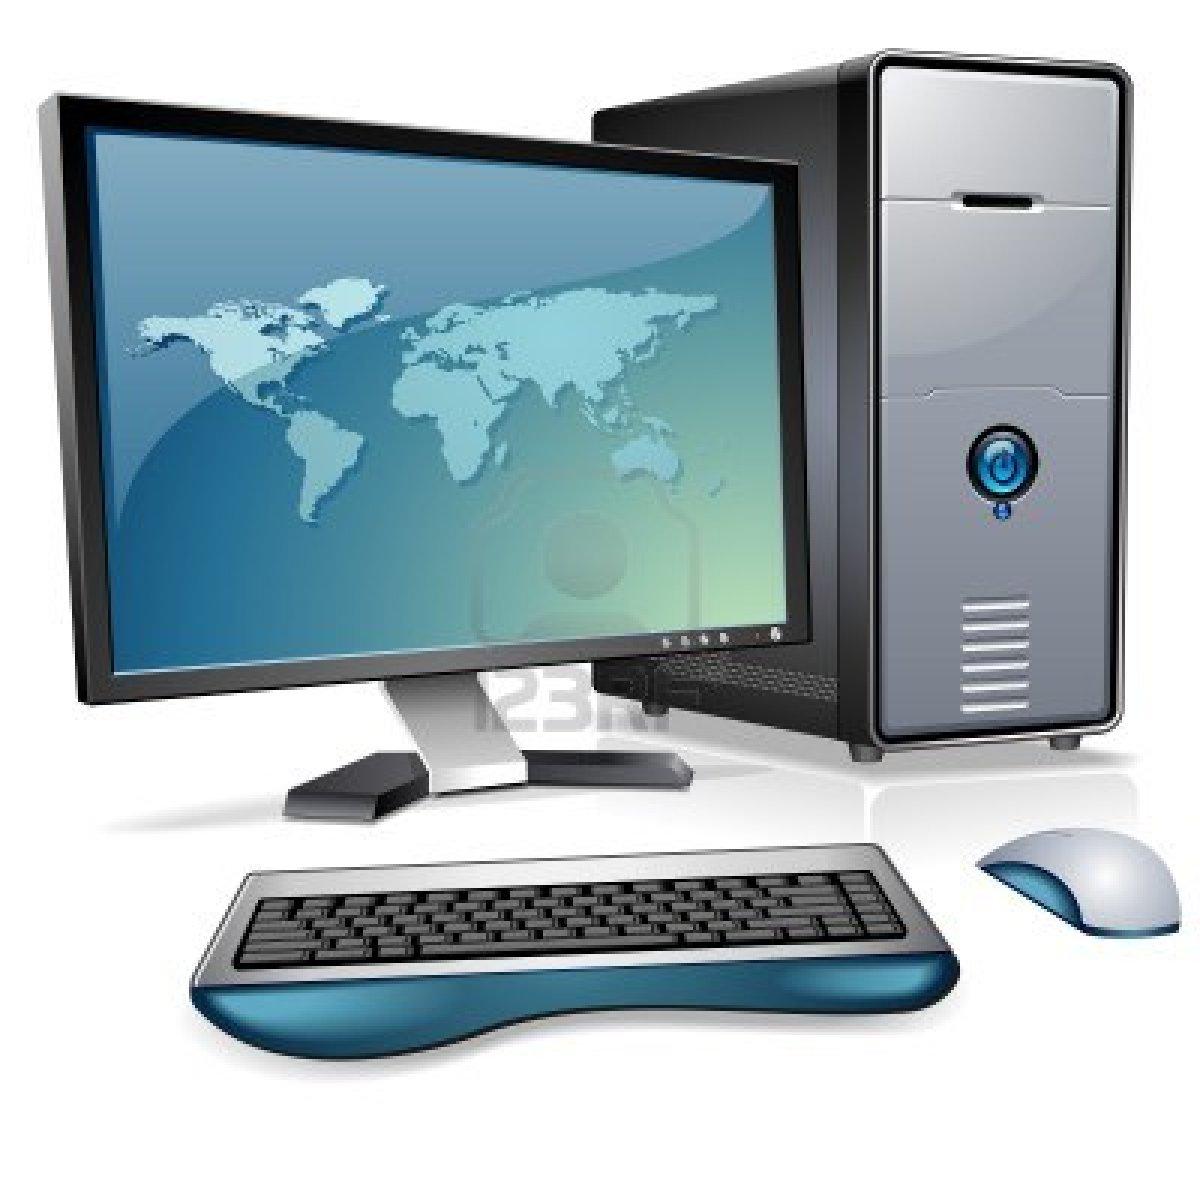 7118075-desktop-computer